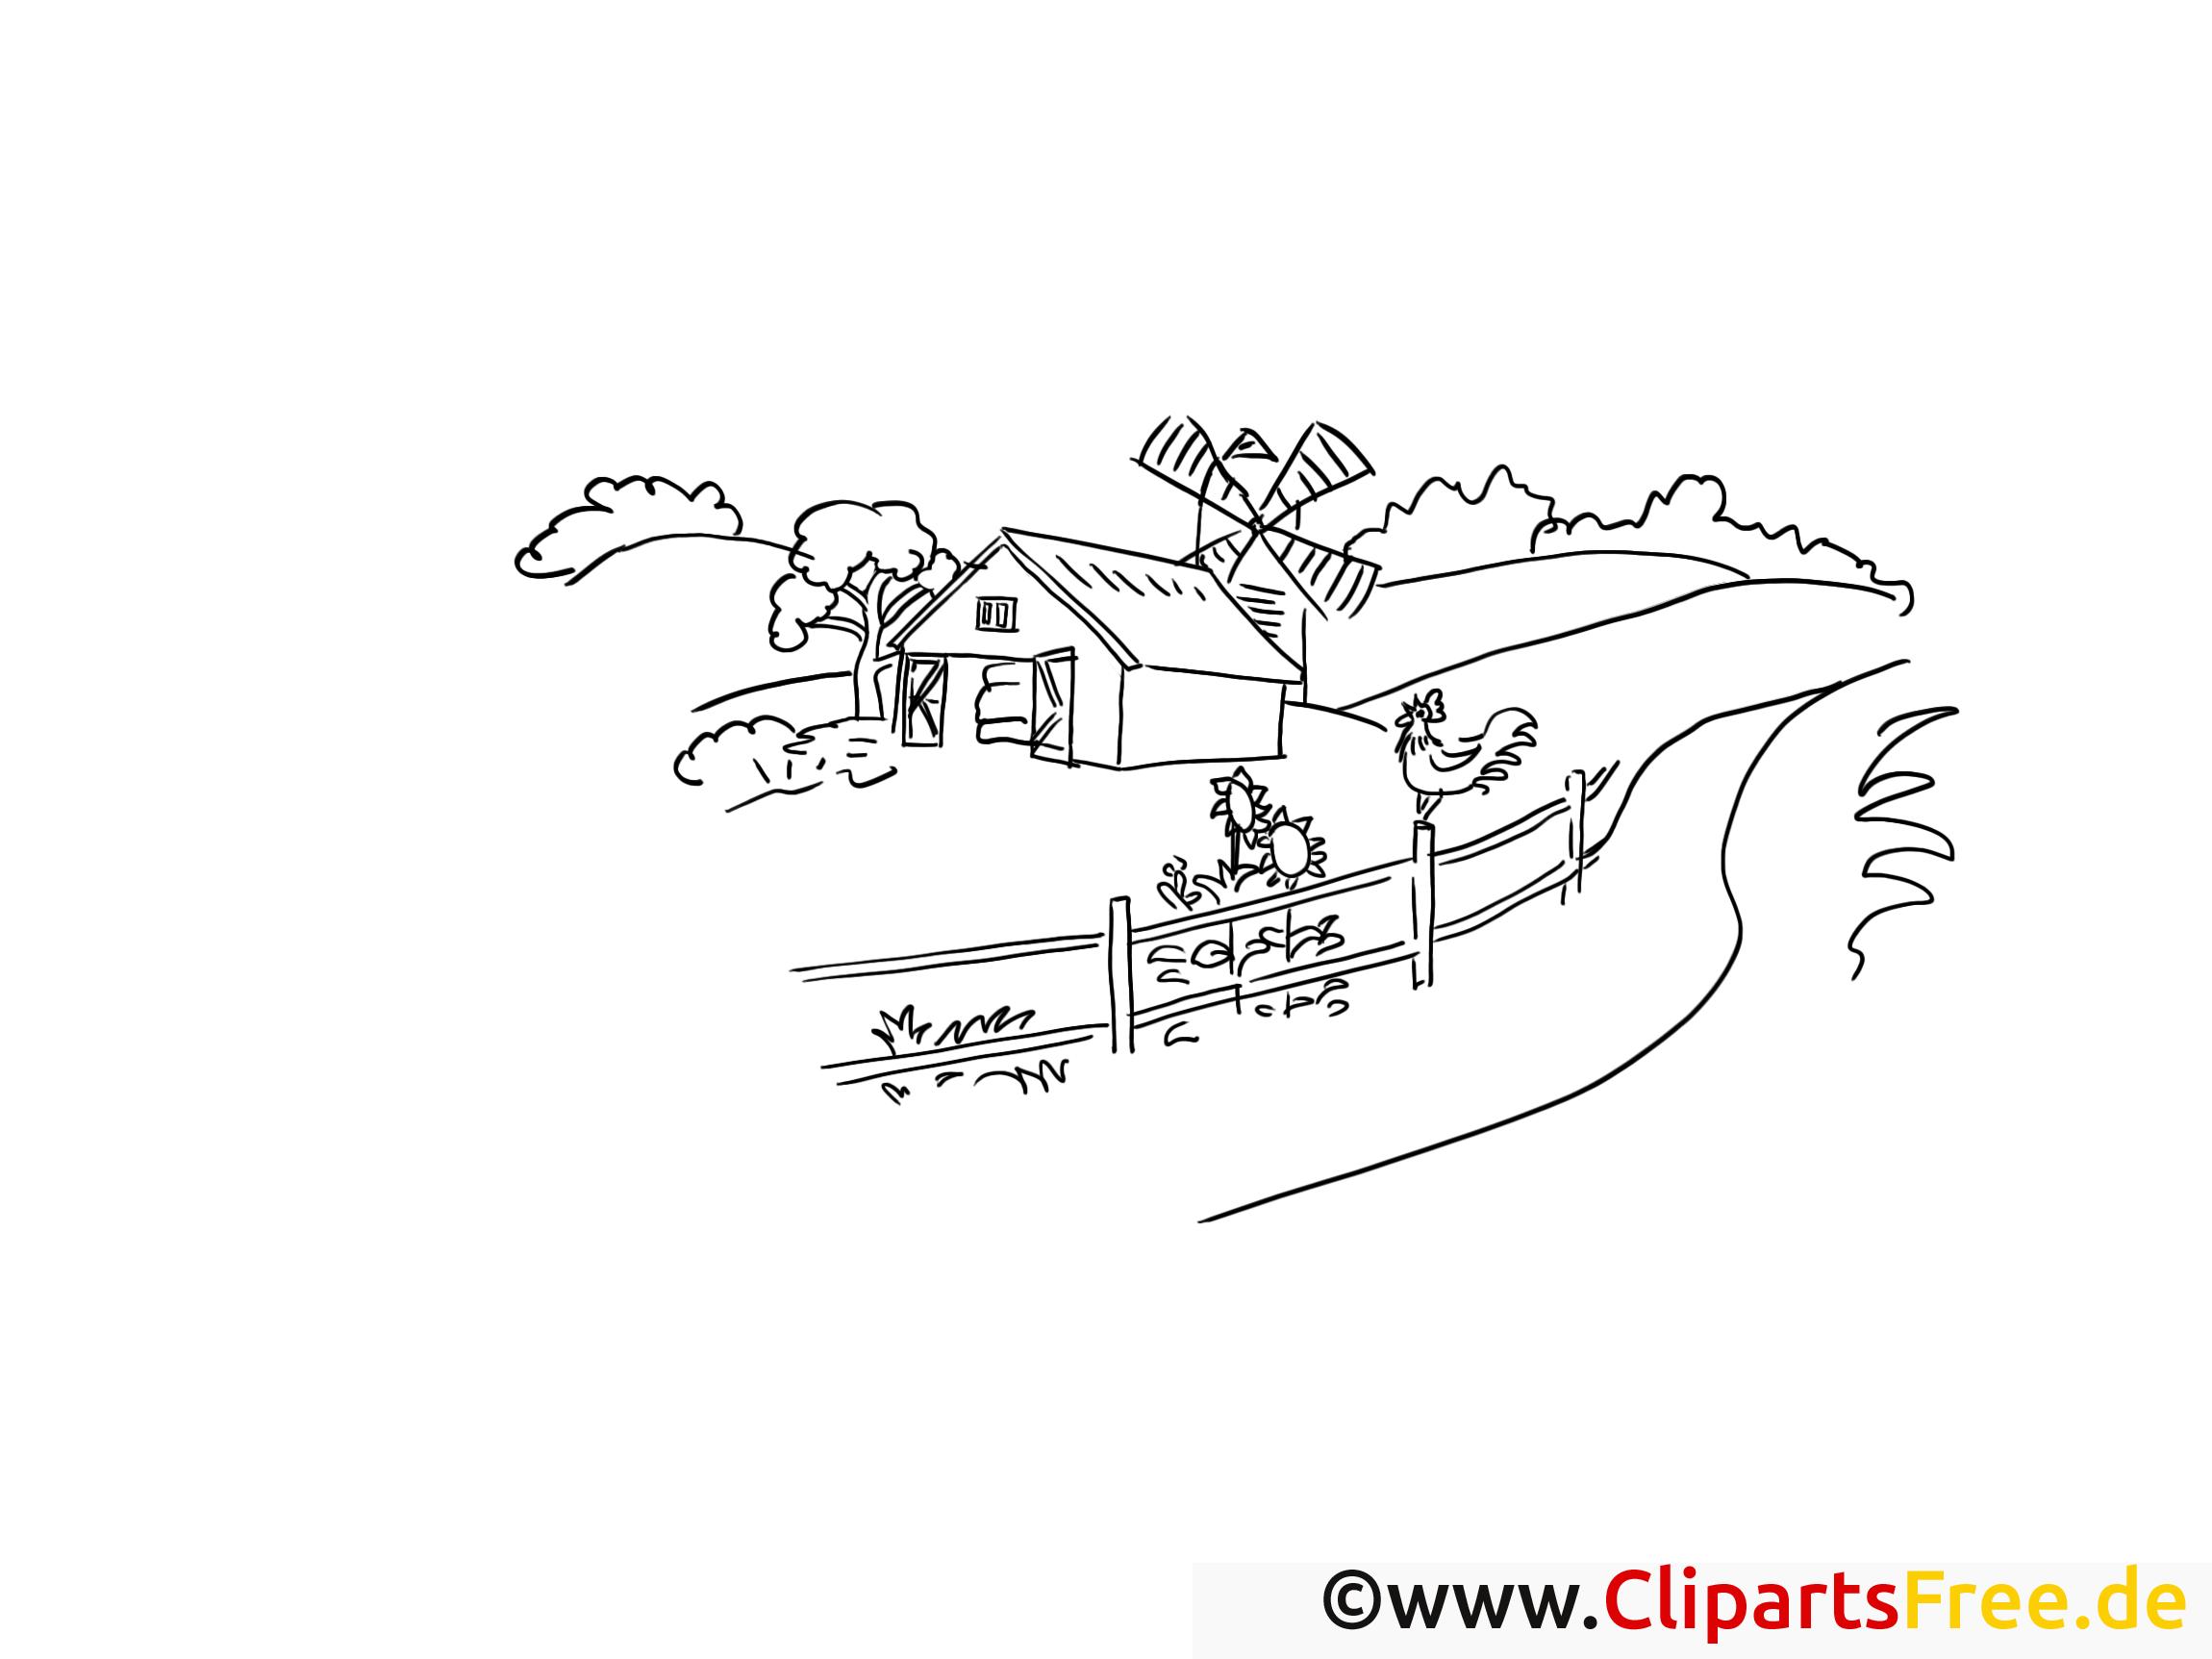 Malvorlagen Bauernhof und Mühle